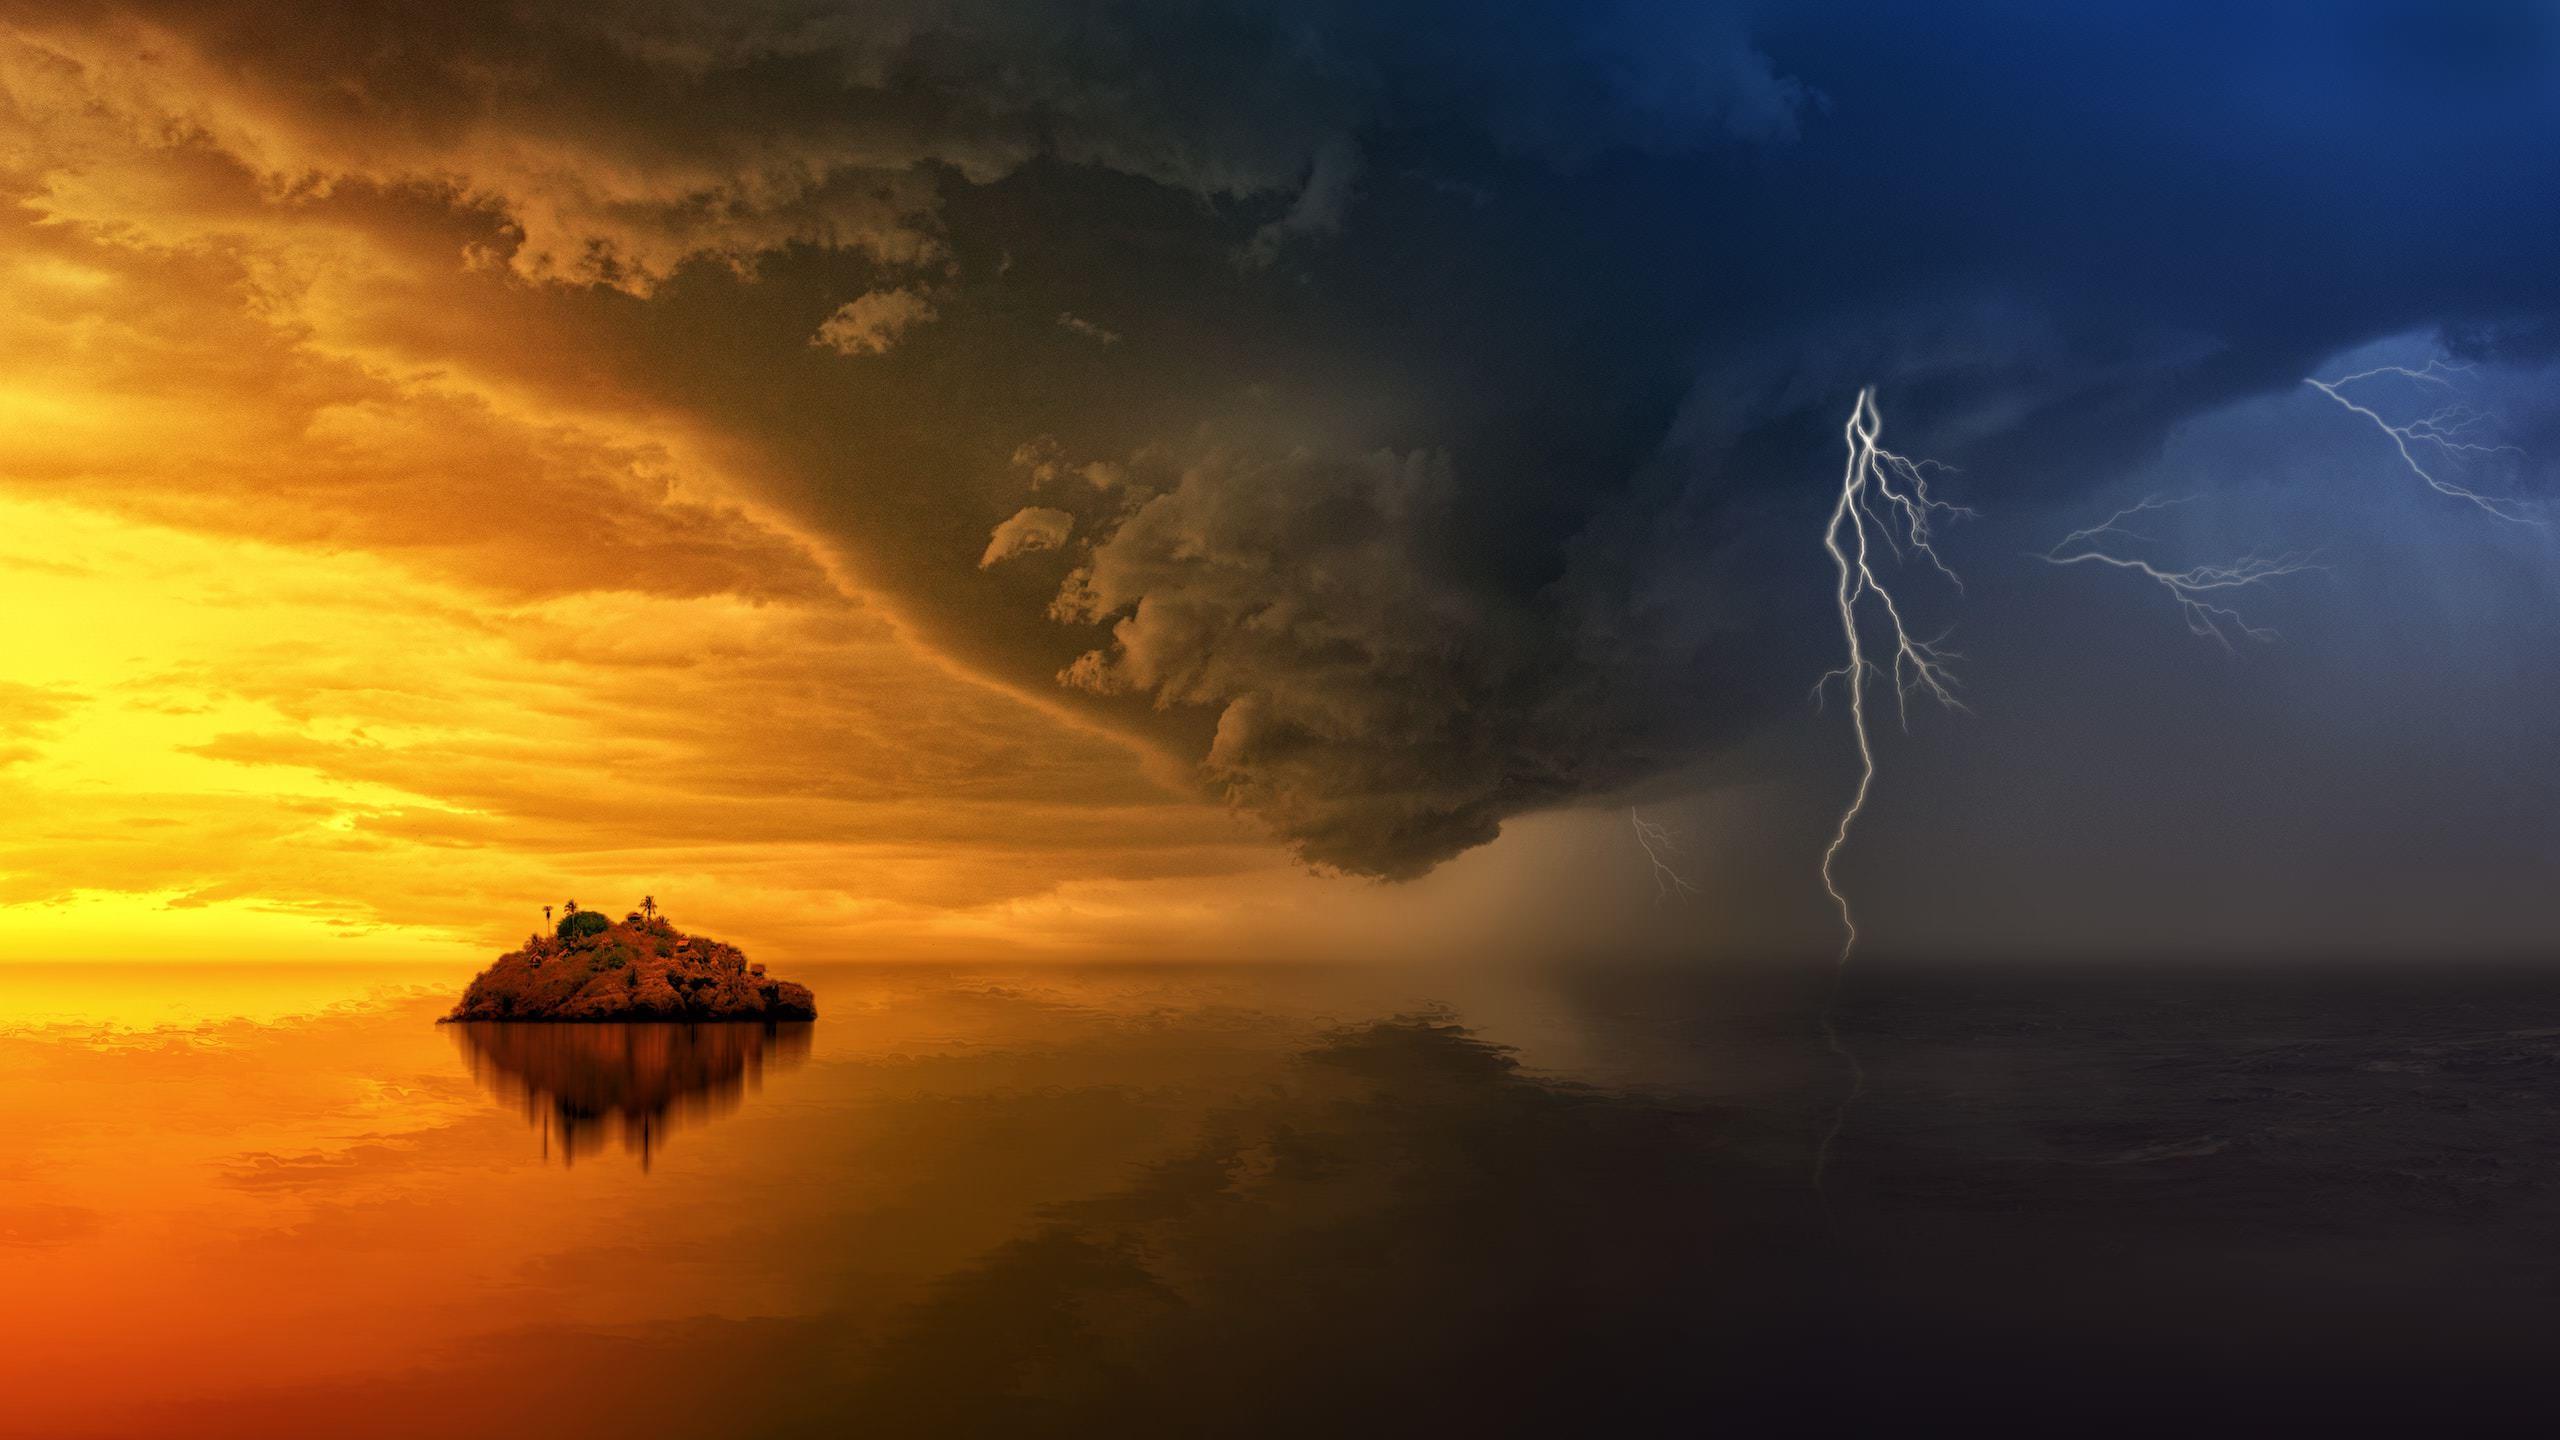 clouds-dawn-dramatic